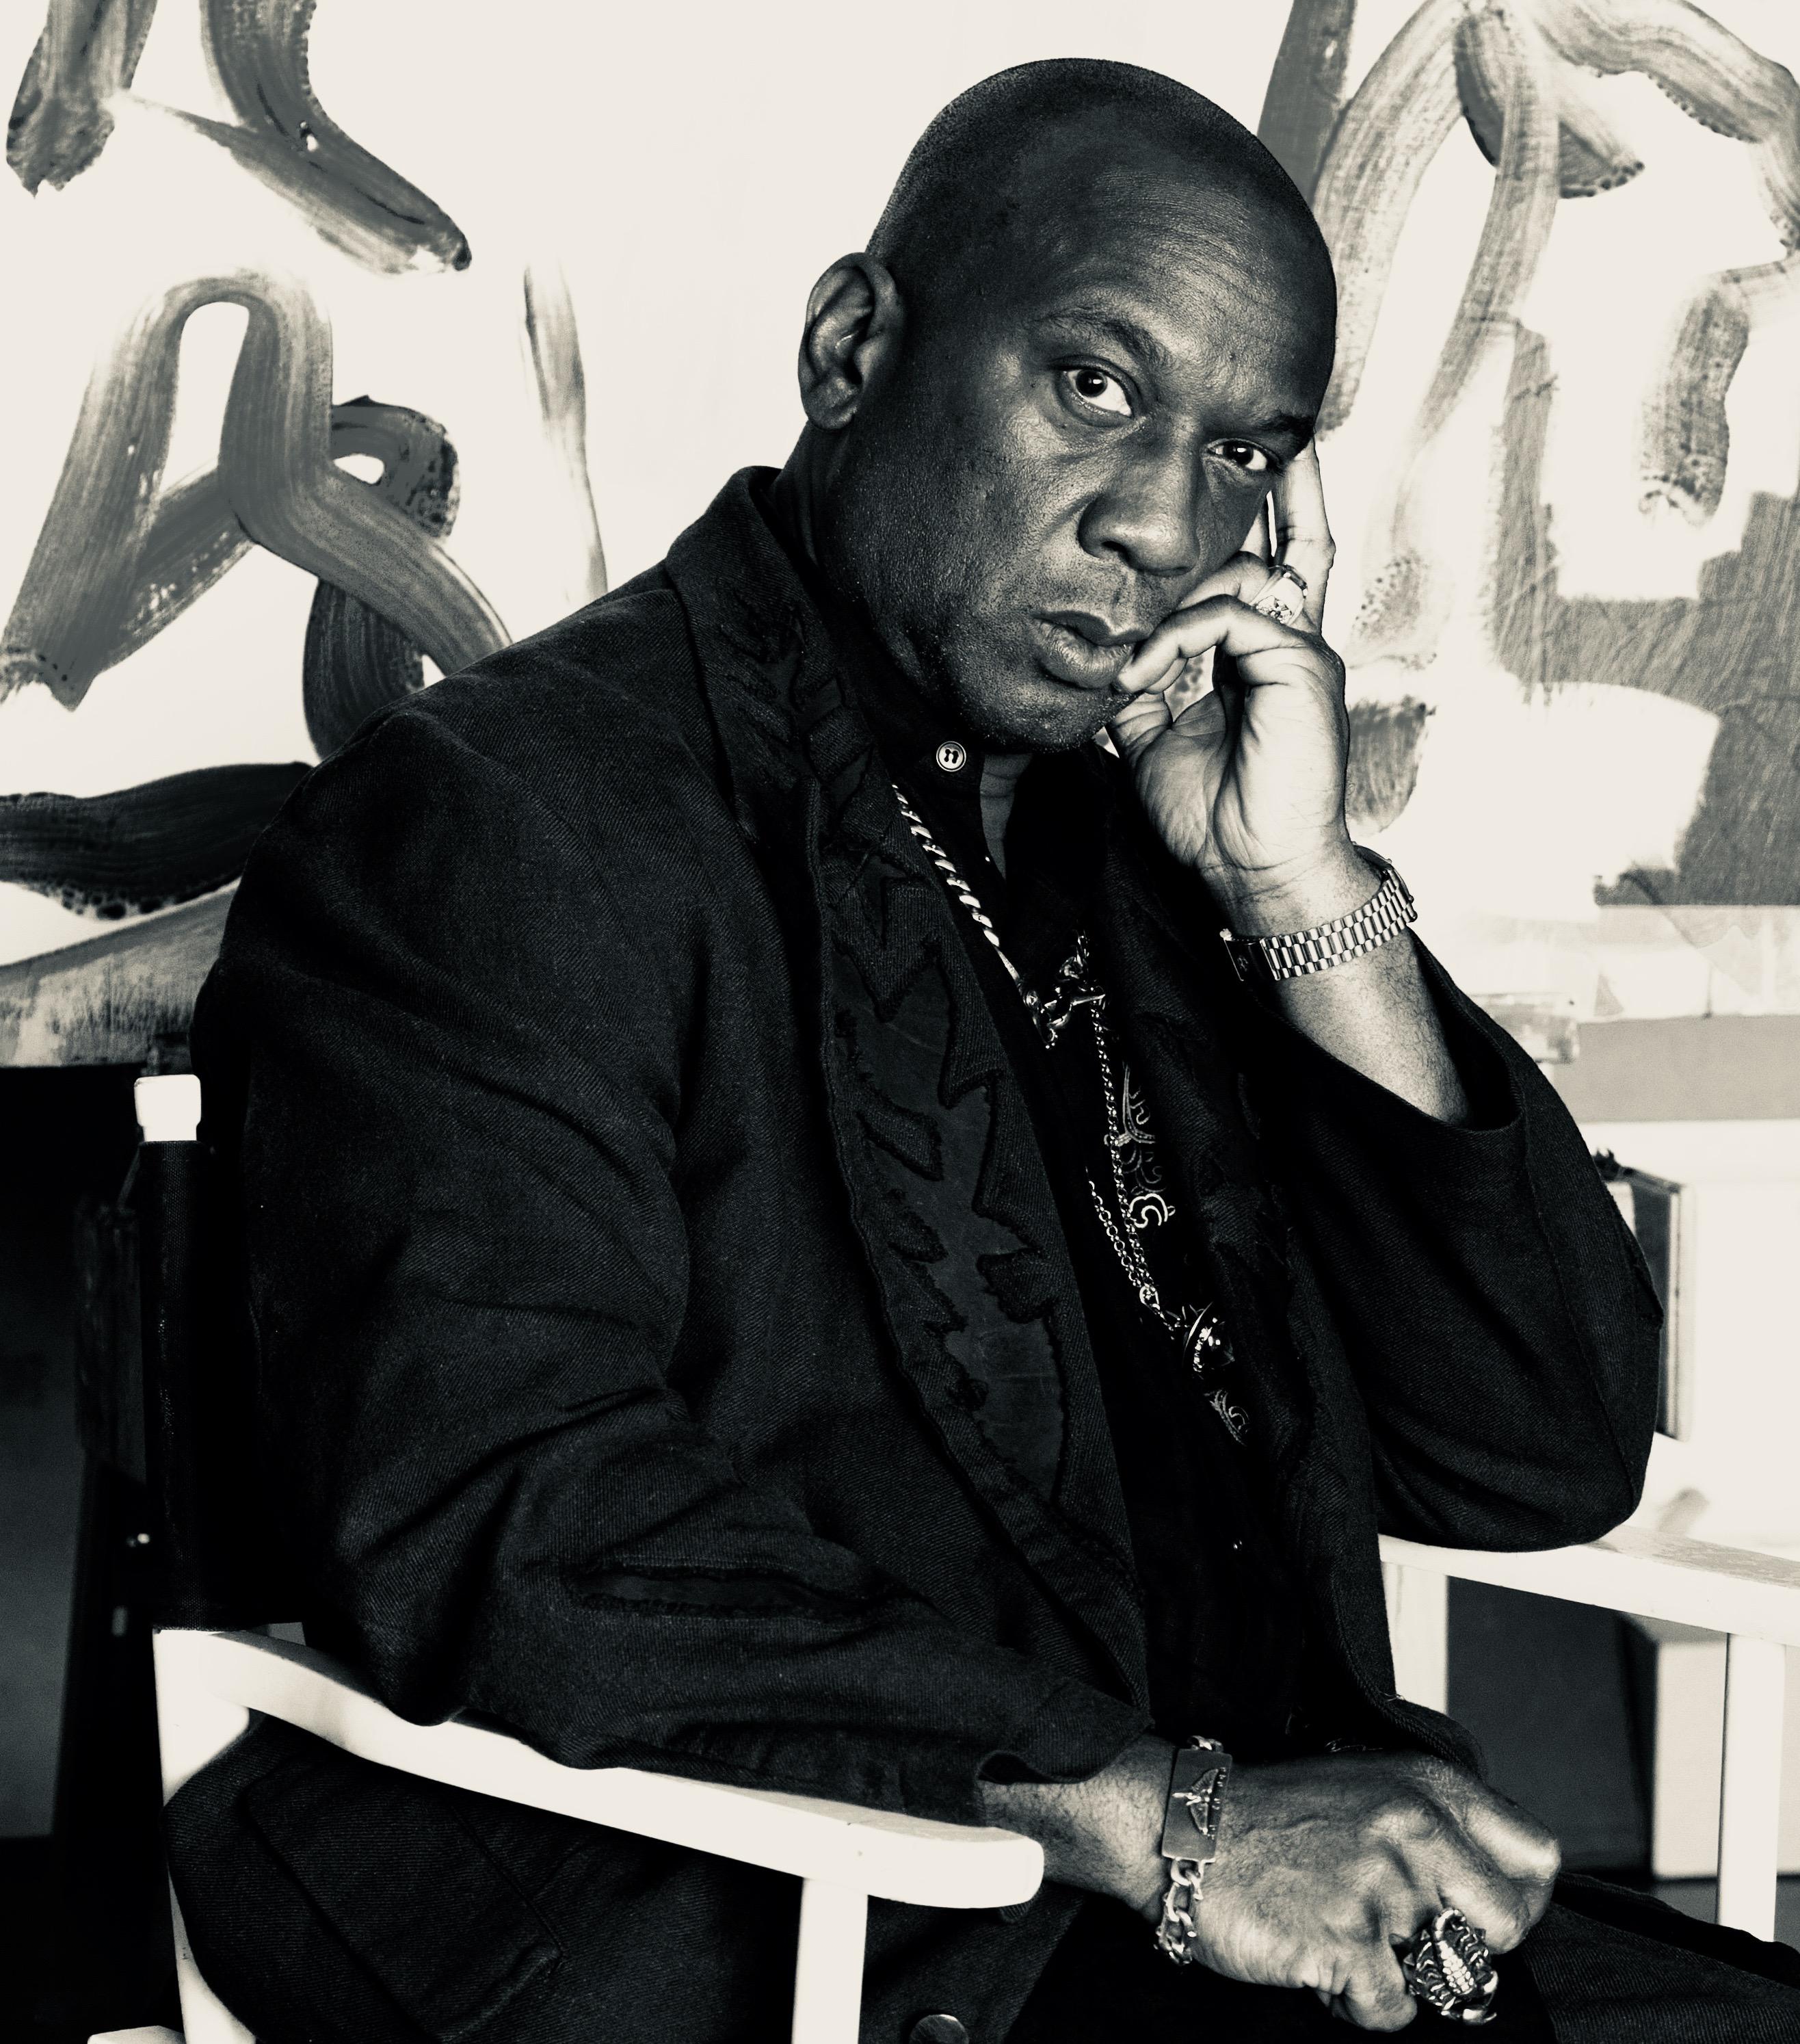 Portrait of artist David Somerville